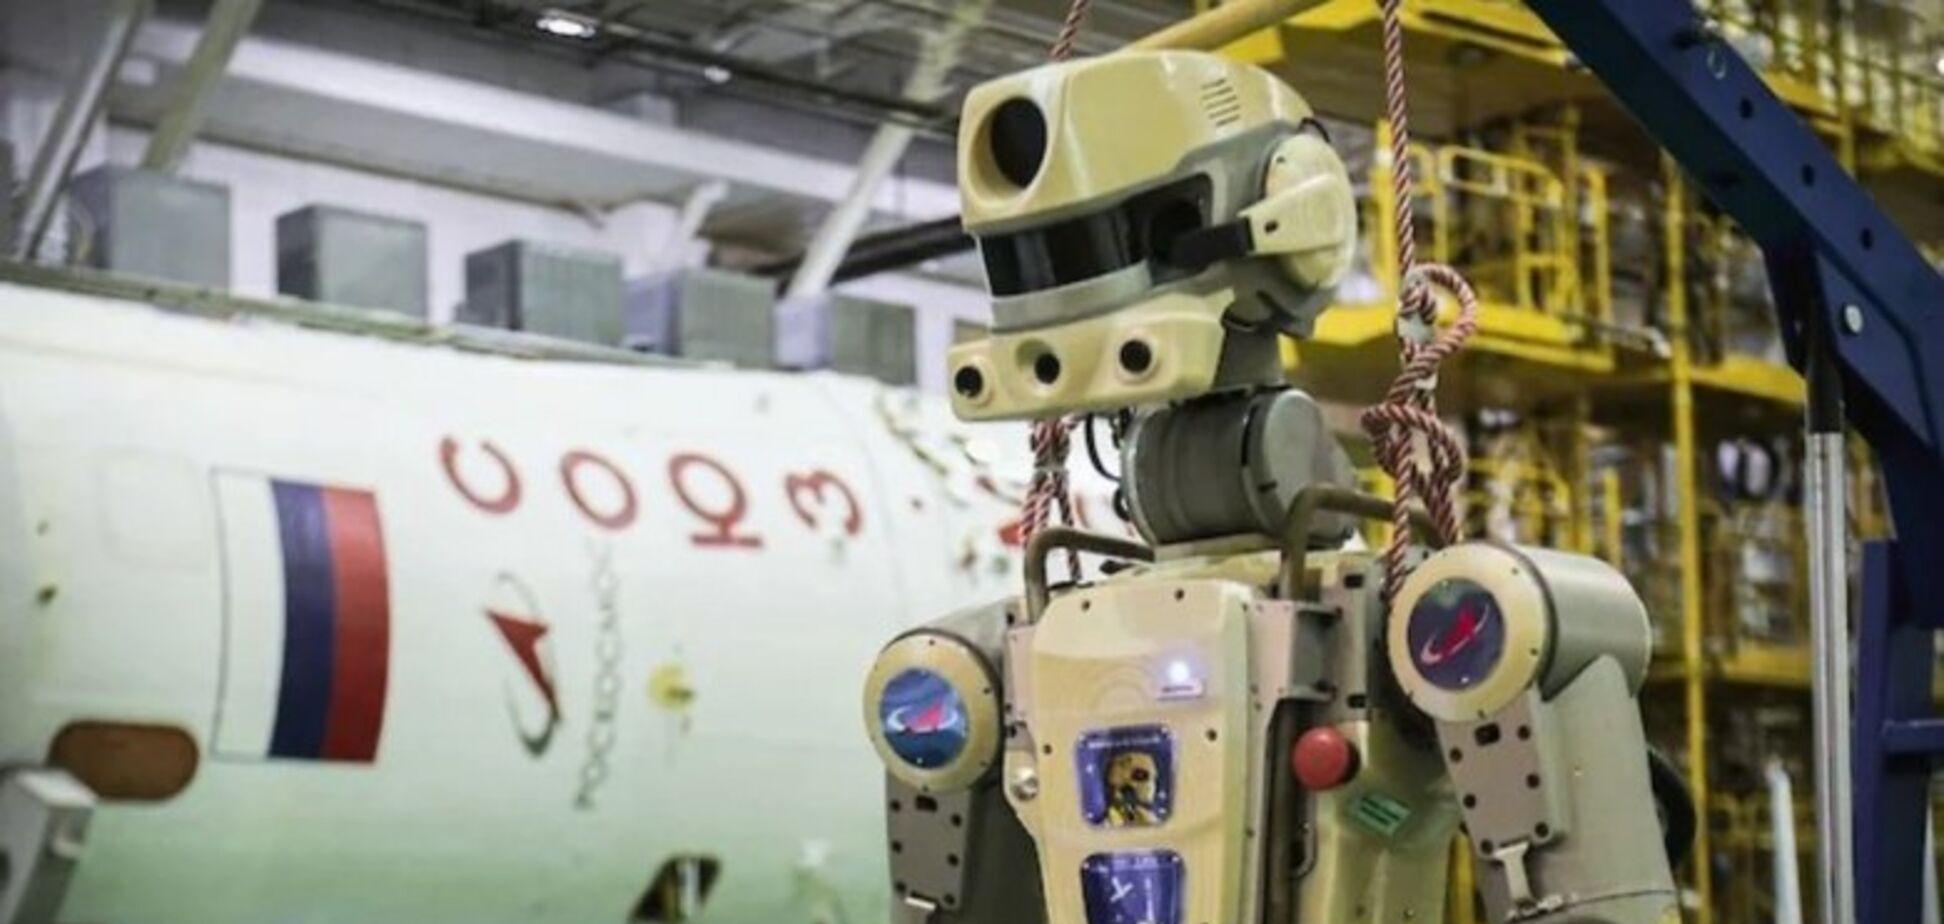 'Опудало та металобрухт!' У мережі висміяли 'успіх' російського робота Федора на МКС